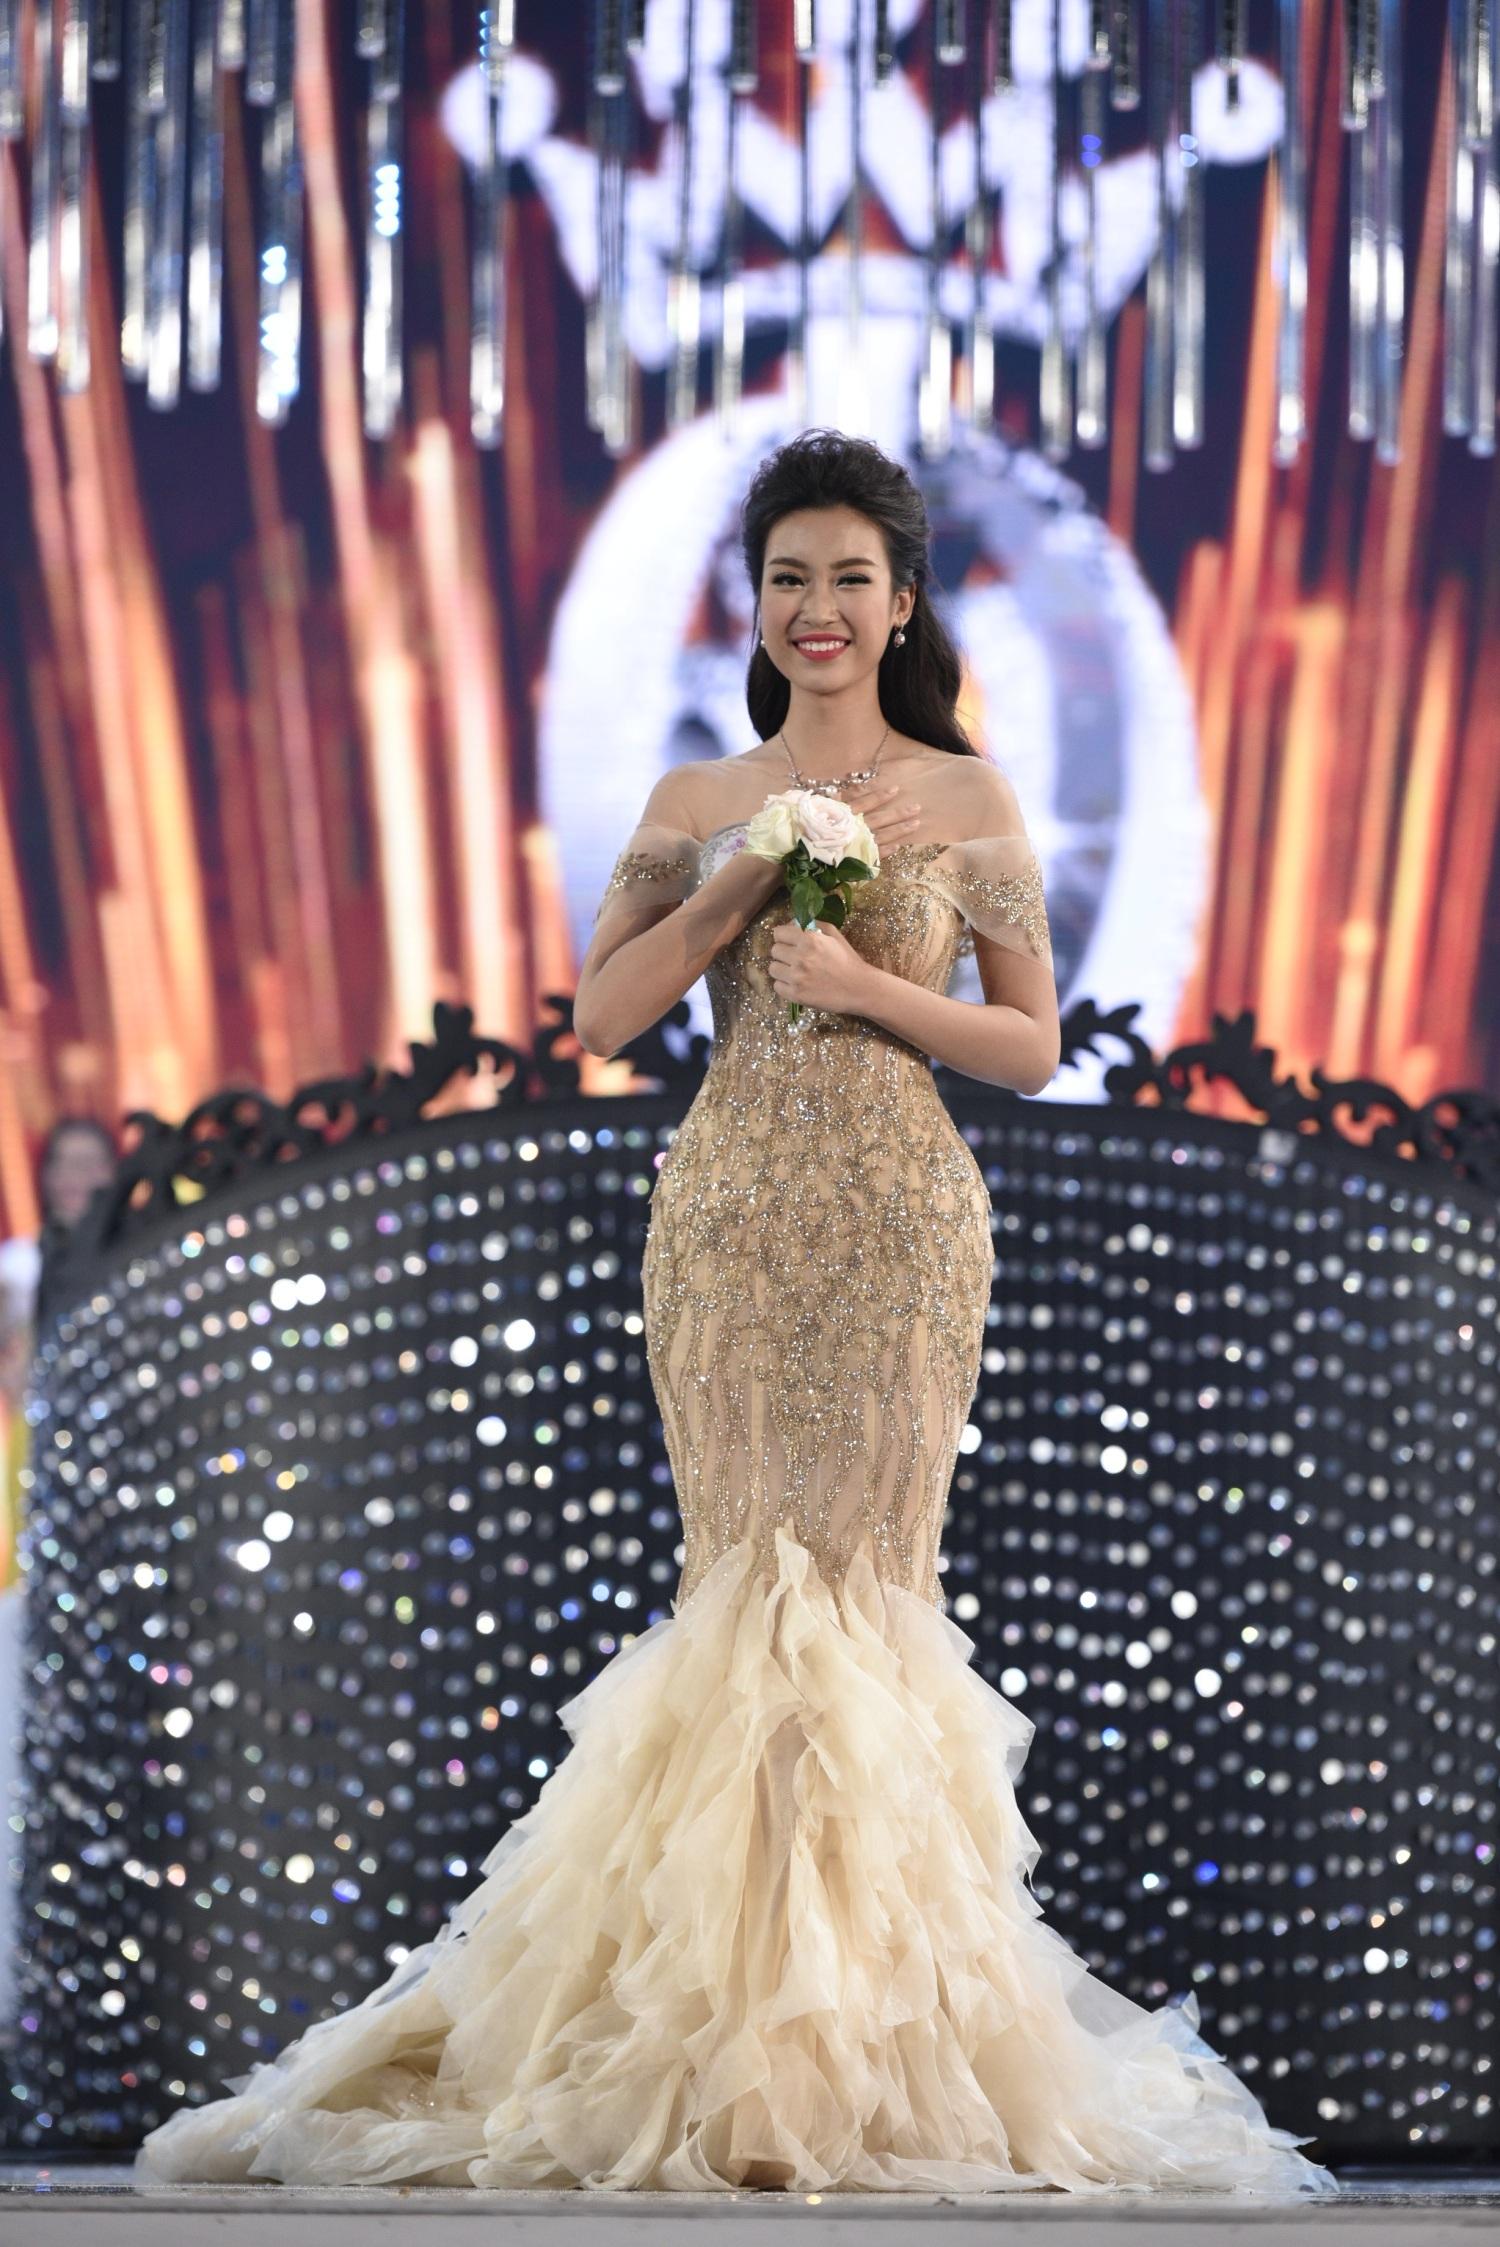 Nụ cười đầy hạnh phúc khi biết mình đăng quang Hoa hậu Việt Nam 2016.